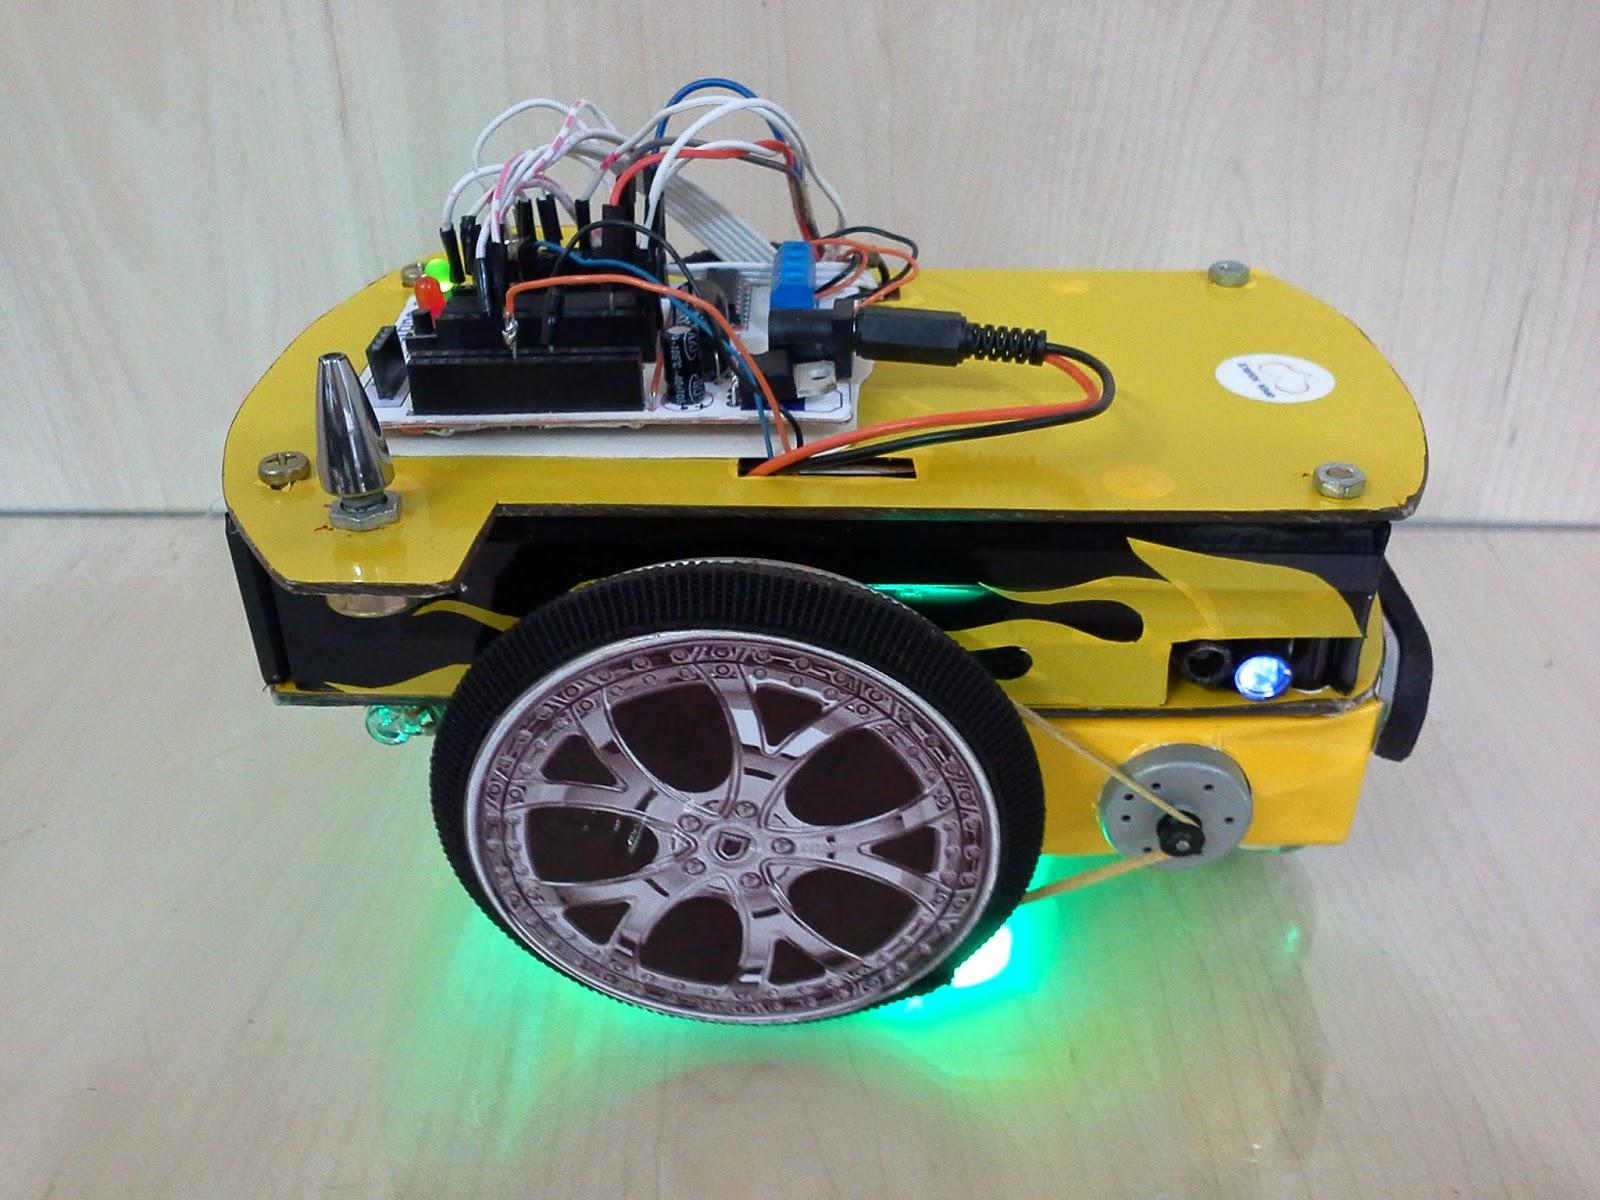 Construindo Um Robô Autônomo Com Material Reciclado